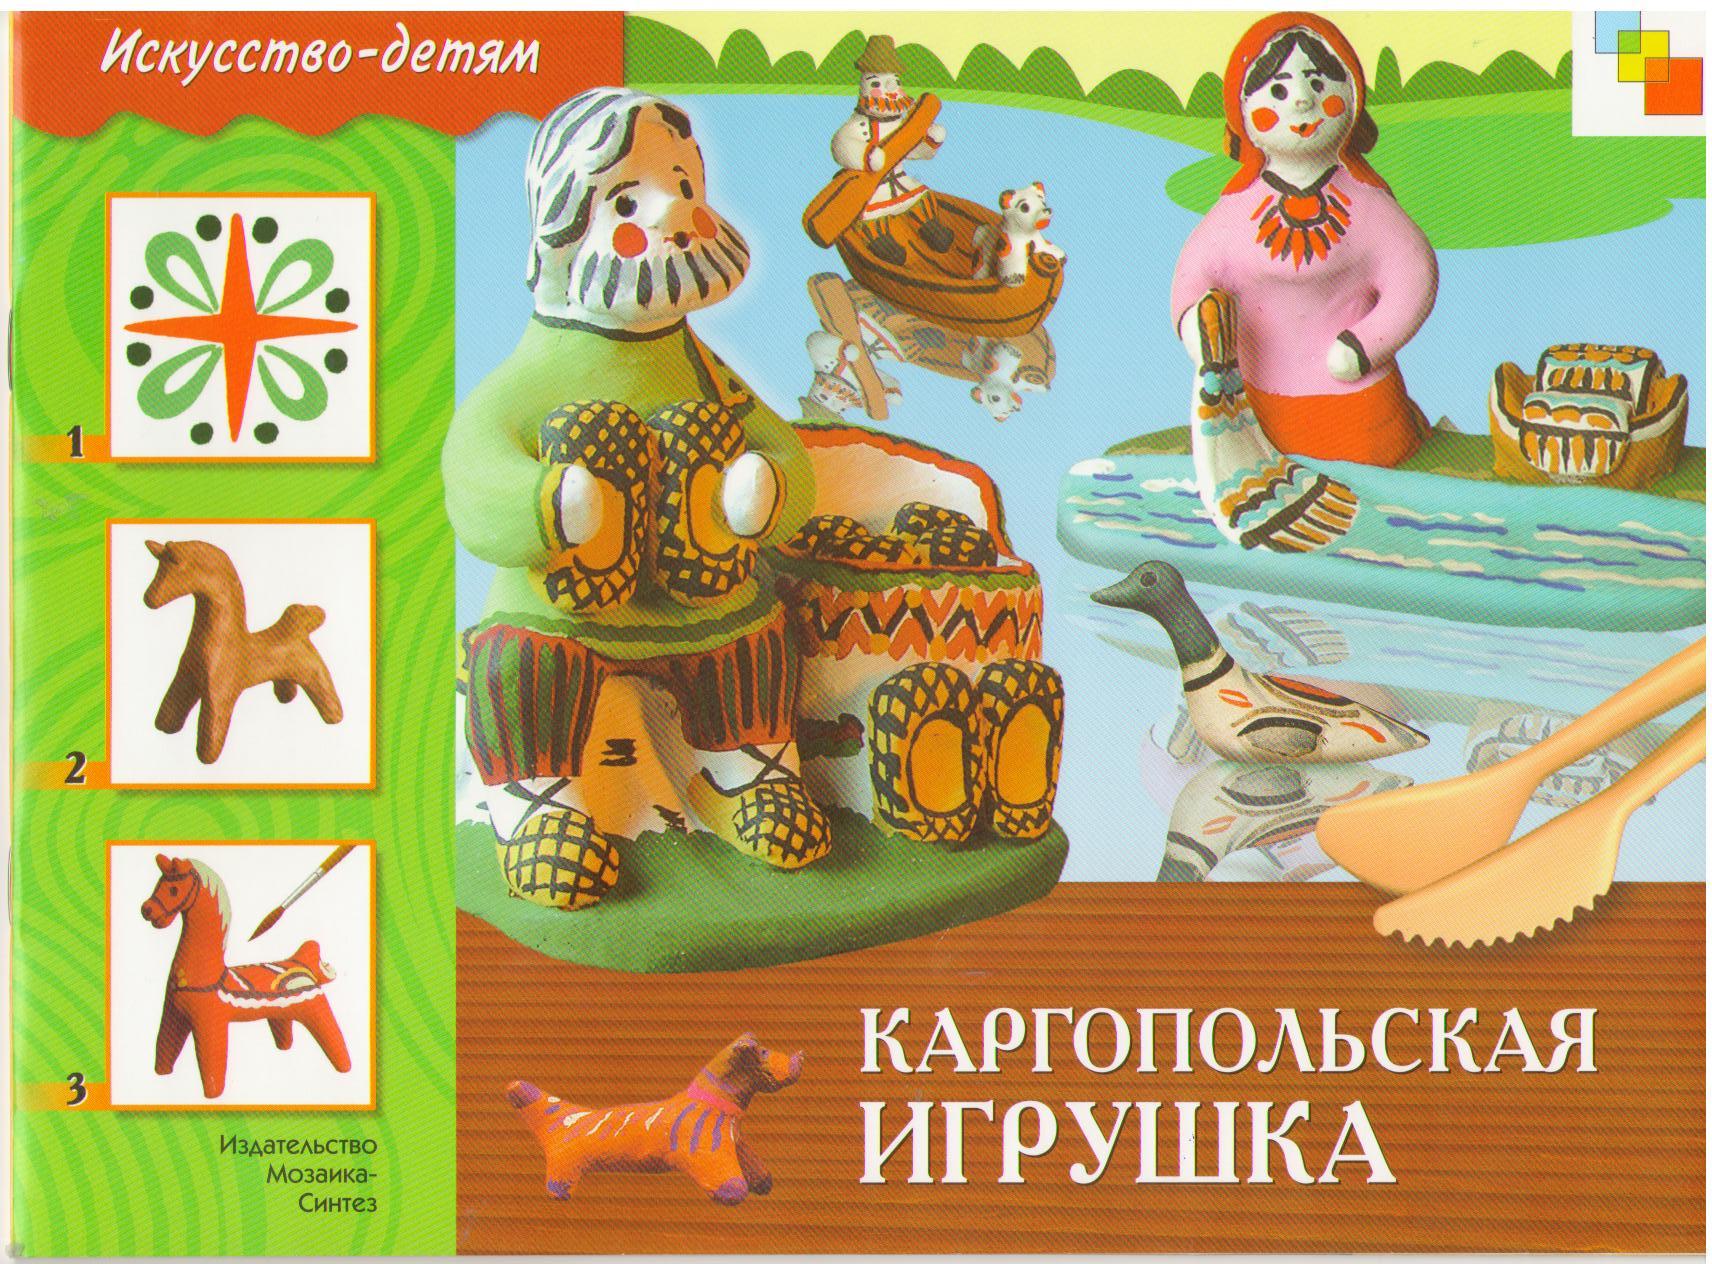 D:\ДАННЫЕ\лена\Поделки из глины и солёного теста\Каргопольская игрушка.jpg